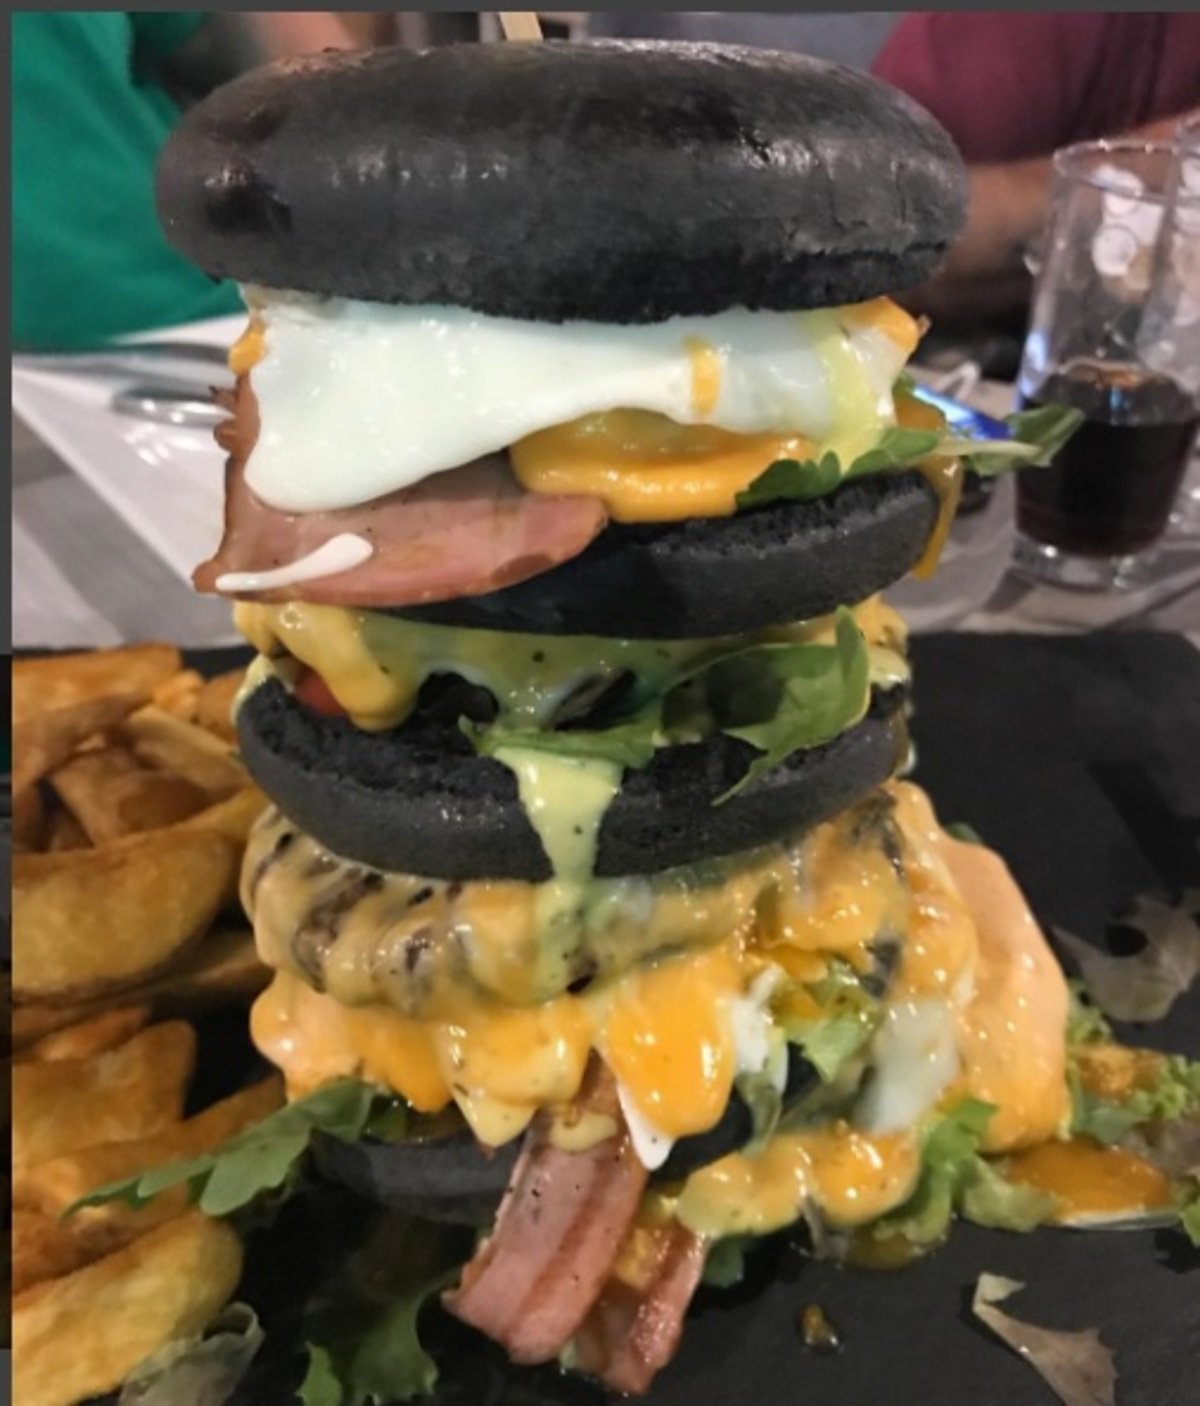 Μην… τρομάξετε! Αυτό το burger υπάρχει και το… έφαγε Έλληνας τραγουδιστής!   Newsit.gr